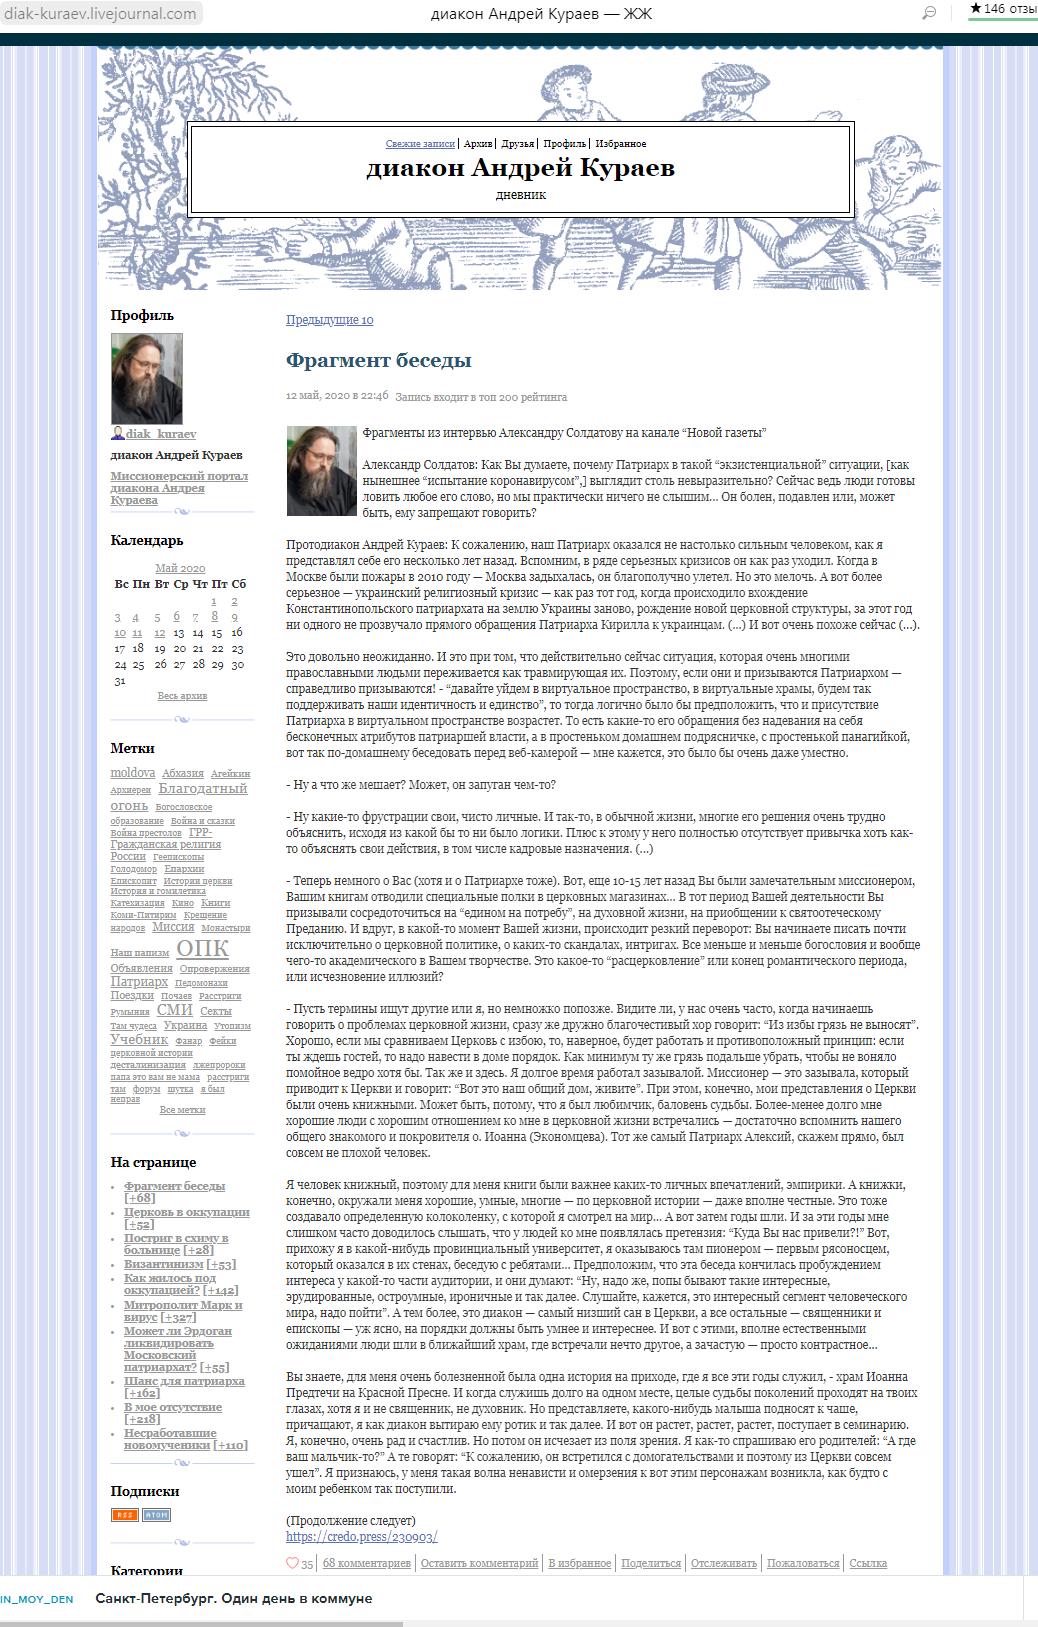 это принтскрин заглавной страницы блога Кураева в день, когда Кураев повторил свой рассказ о непотребствах на приходе новопреставленного протоиерея Георгия Бреева  (смотрите внизу станицы. Есть также дословная цитата чуть ниже)